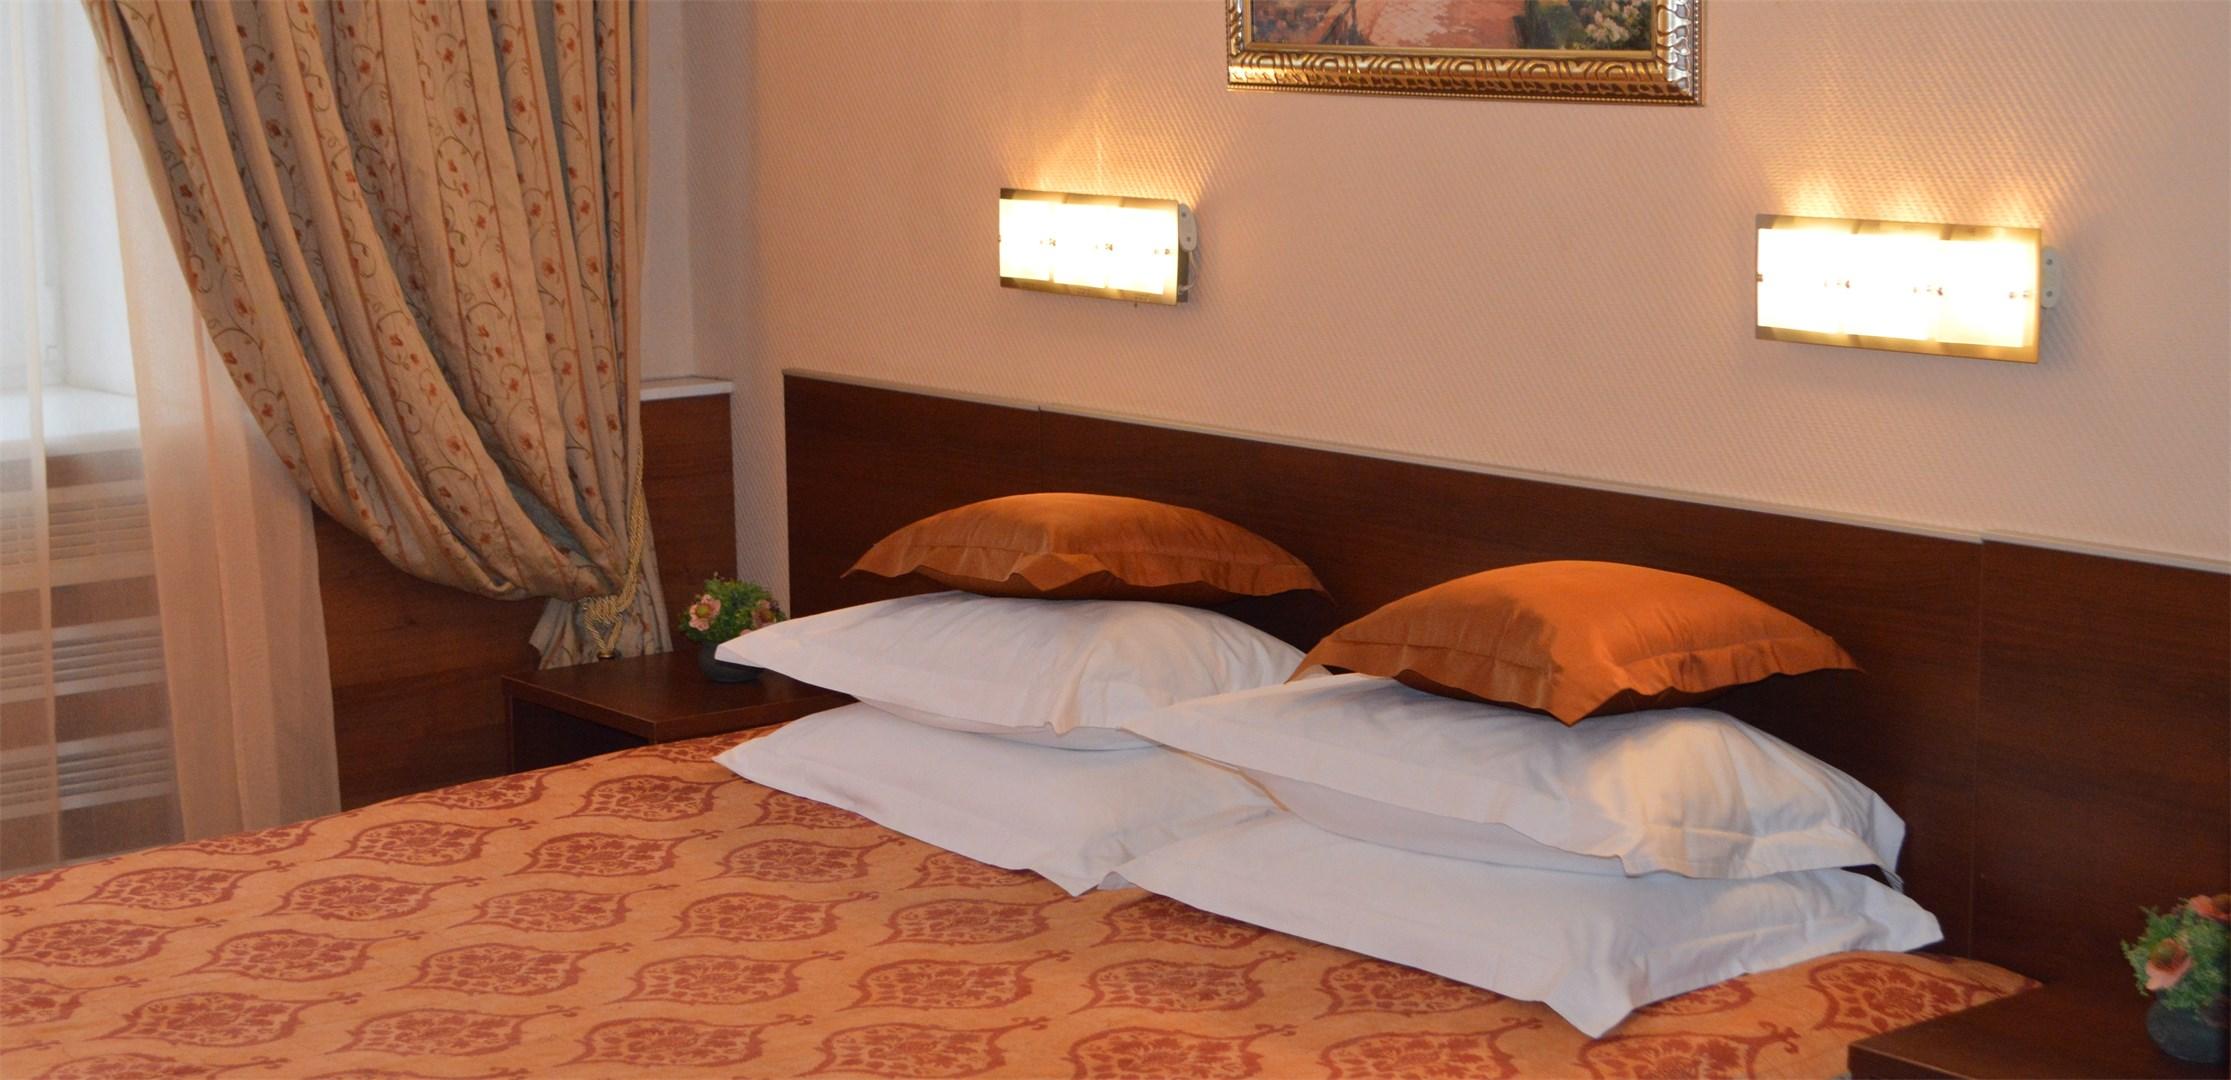 Отель Моника.